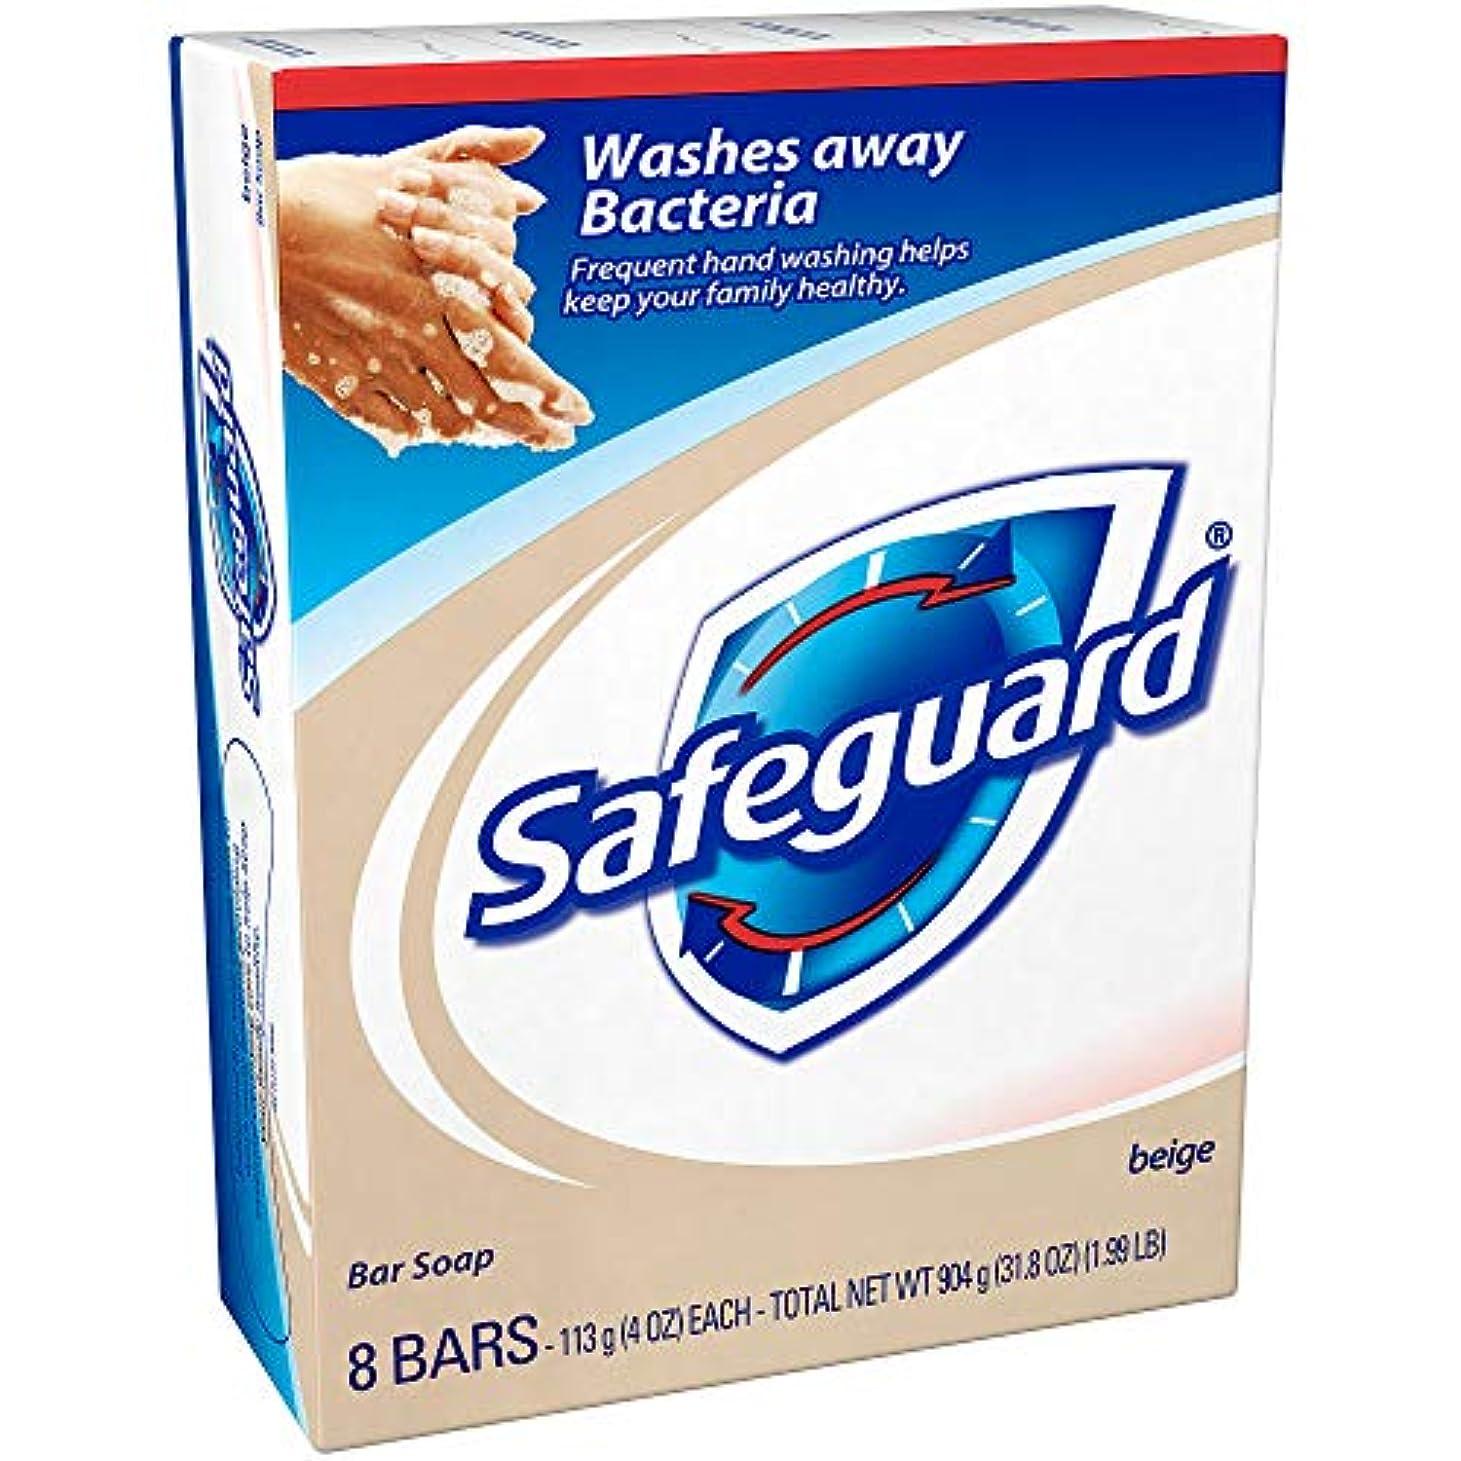 航空便肘掛け椅子外側Safeguard 抗菌消臭石鹸、4つのオズバー、8 Eaは(4パック)